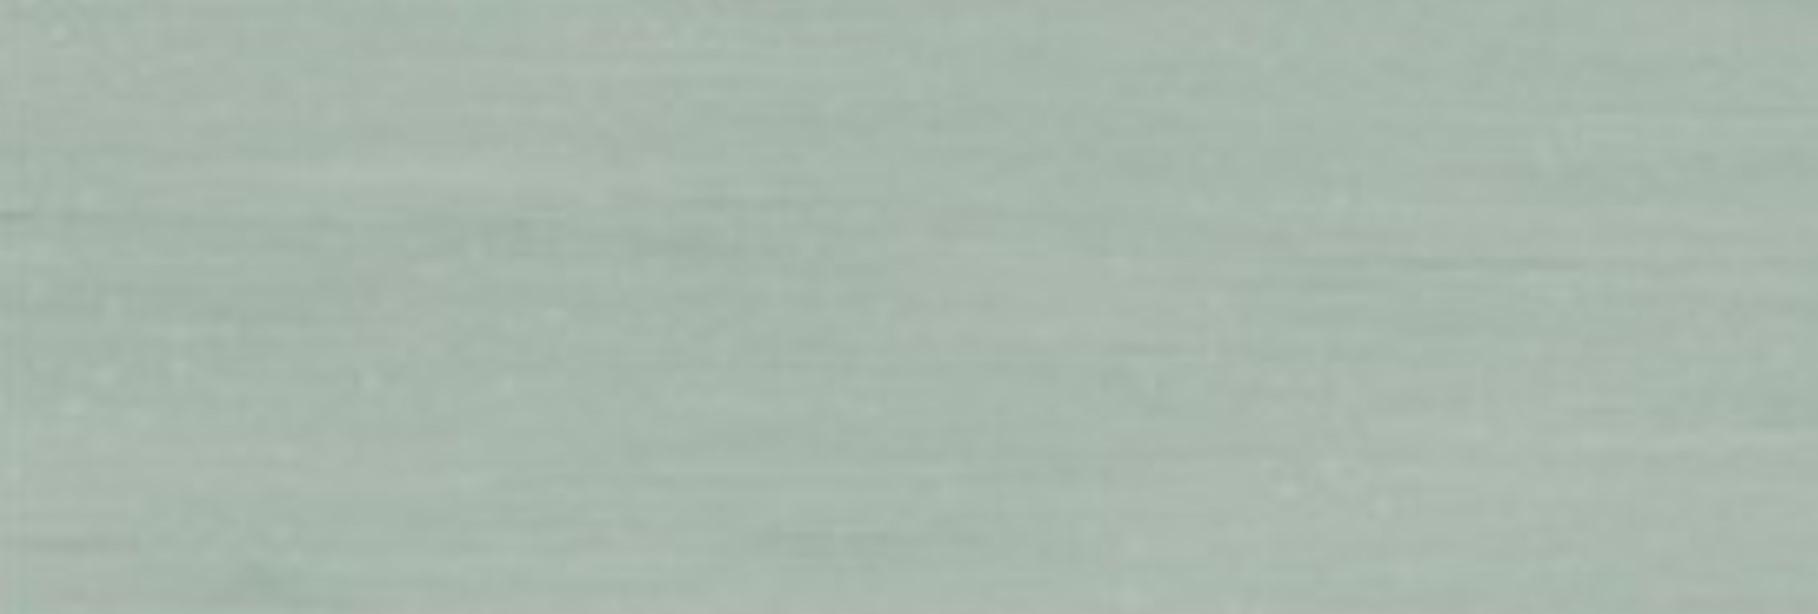 กระเบื้องยางม้วน1.2M*10M Dynoflex PremiumJade ราคา400บาทรวมปู